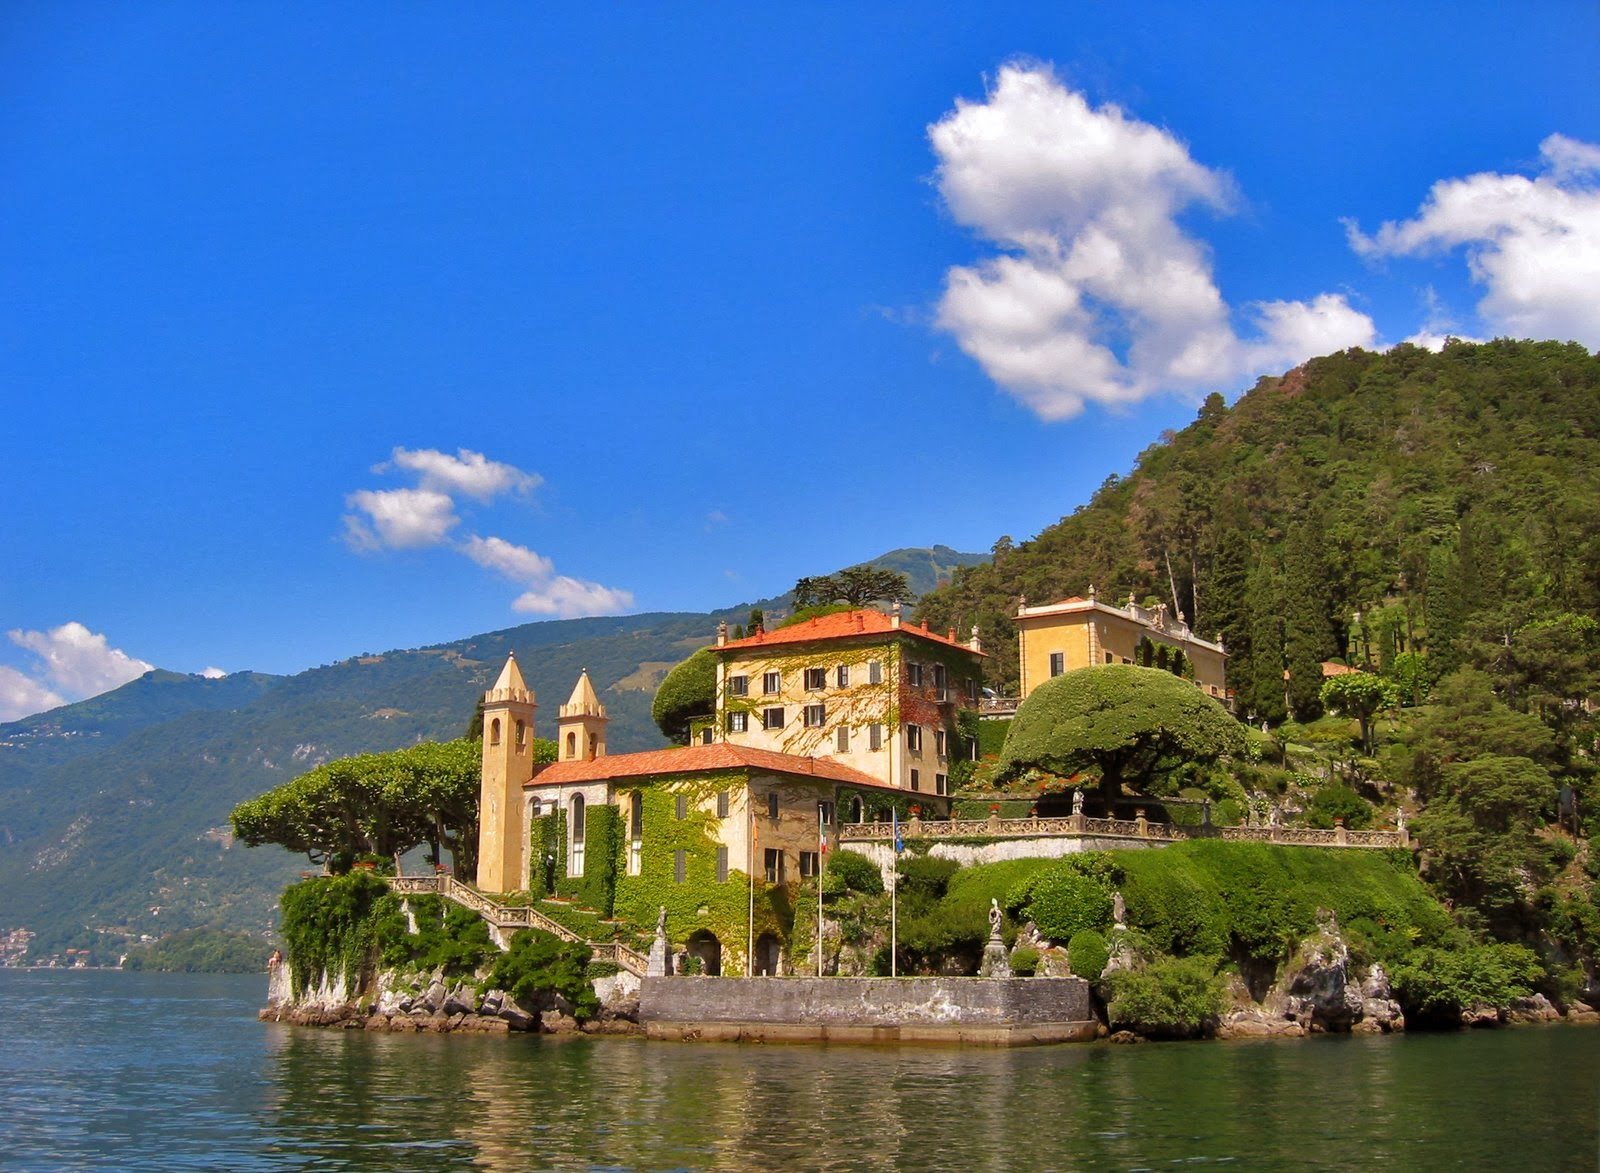 Villa del Balbianello, Lenno Como, Italy: